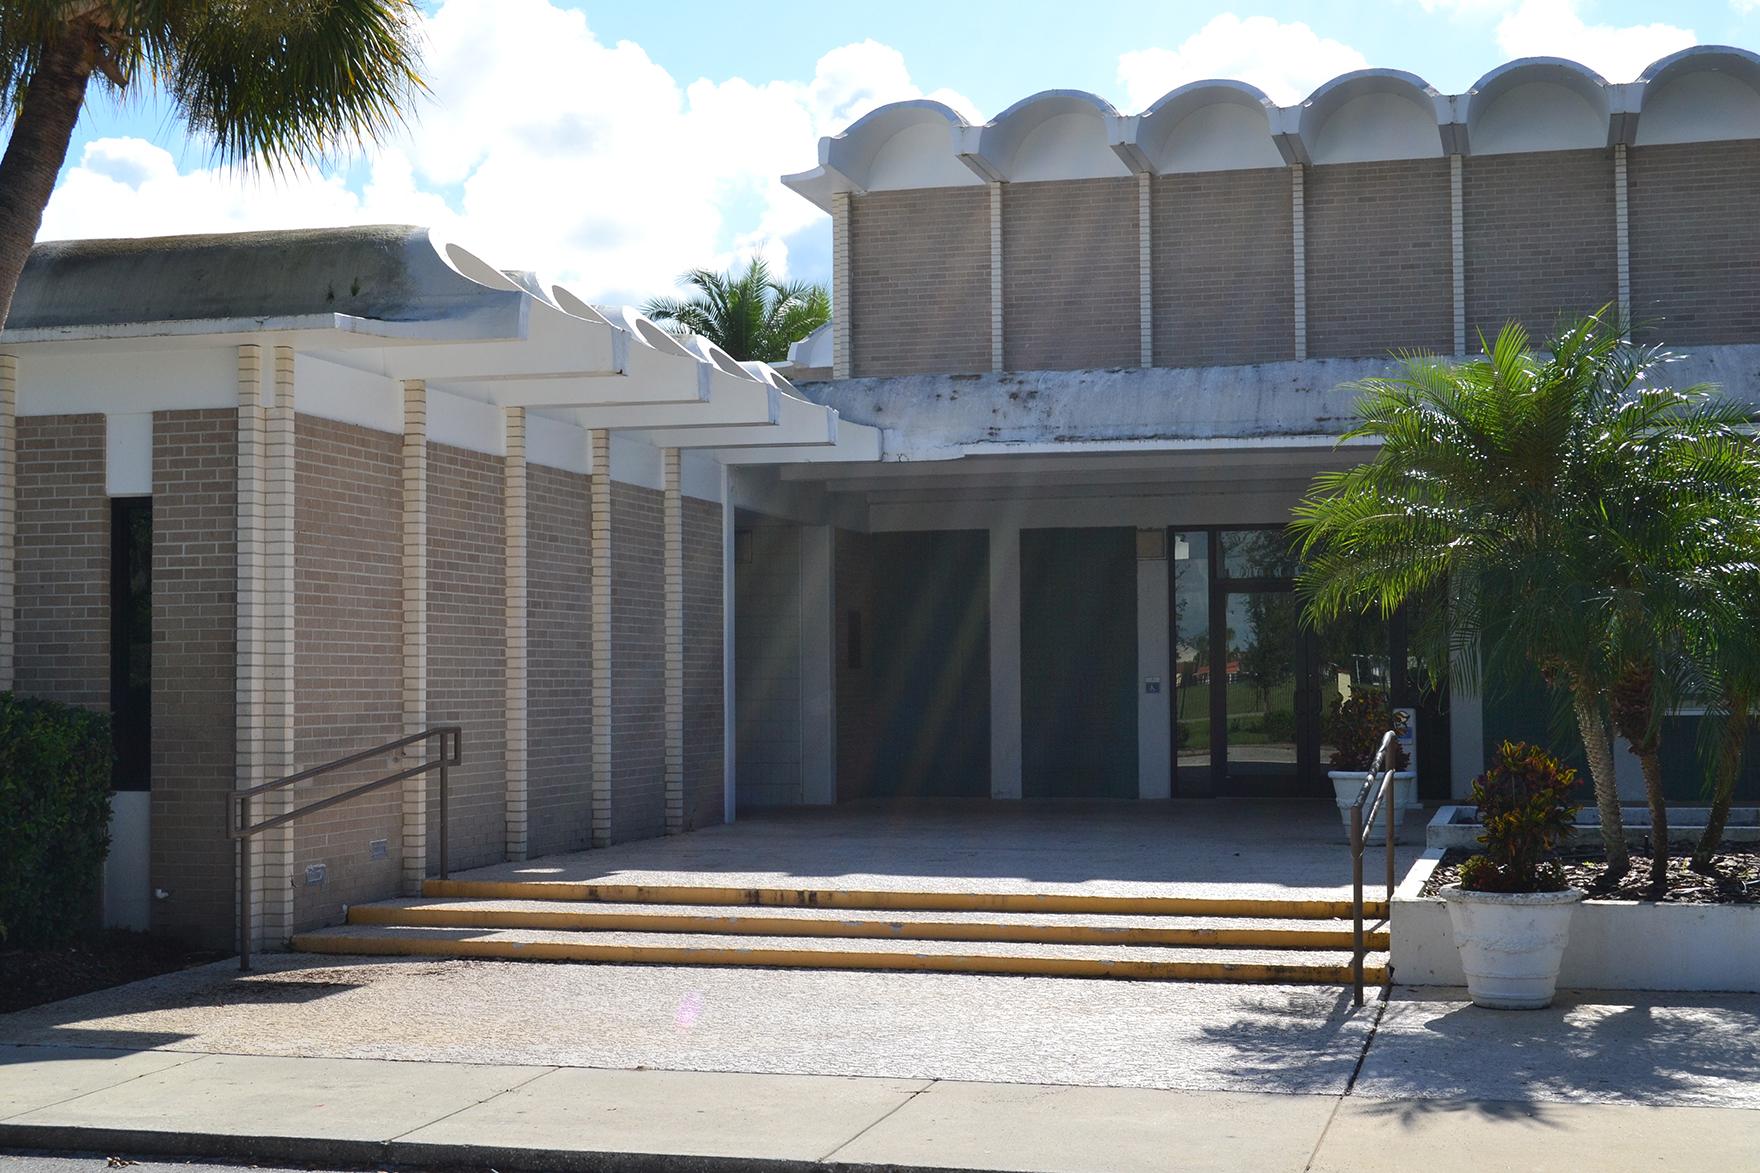 Bartow Civic Center Central Florida S Polk County Sports